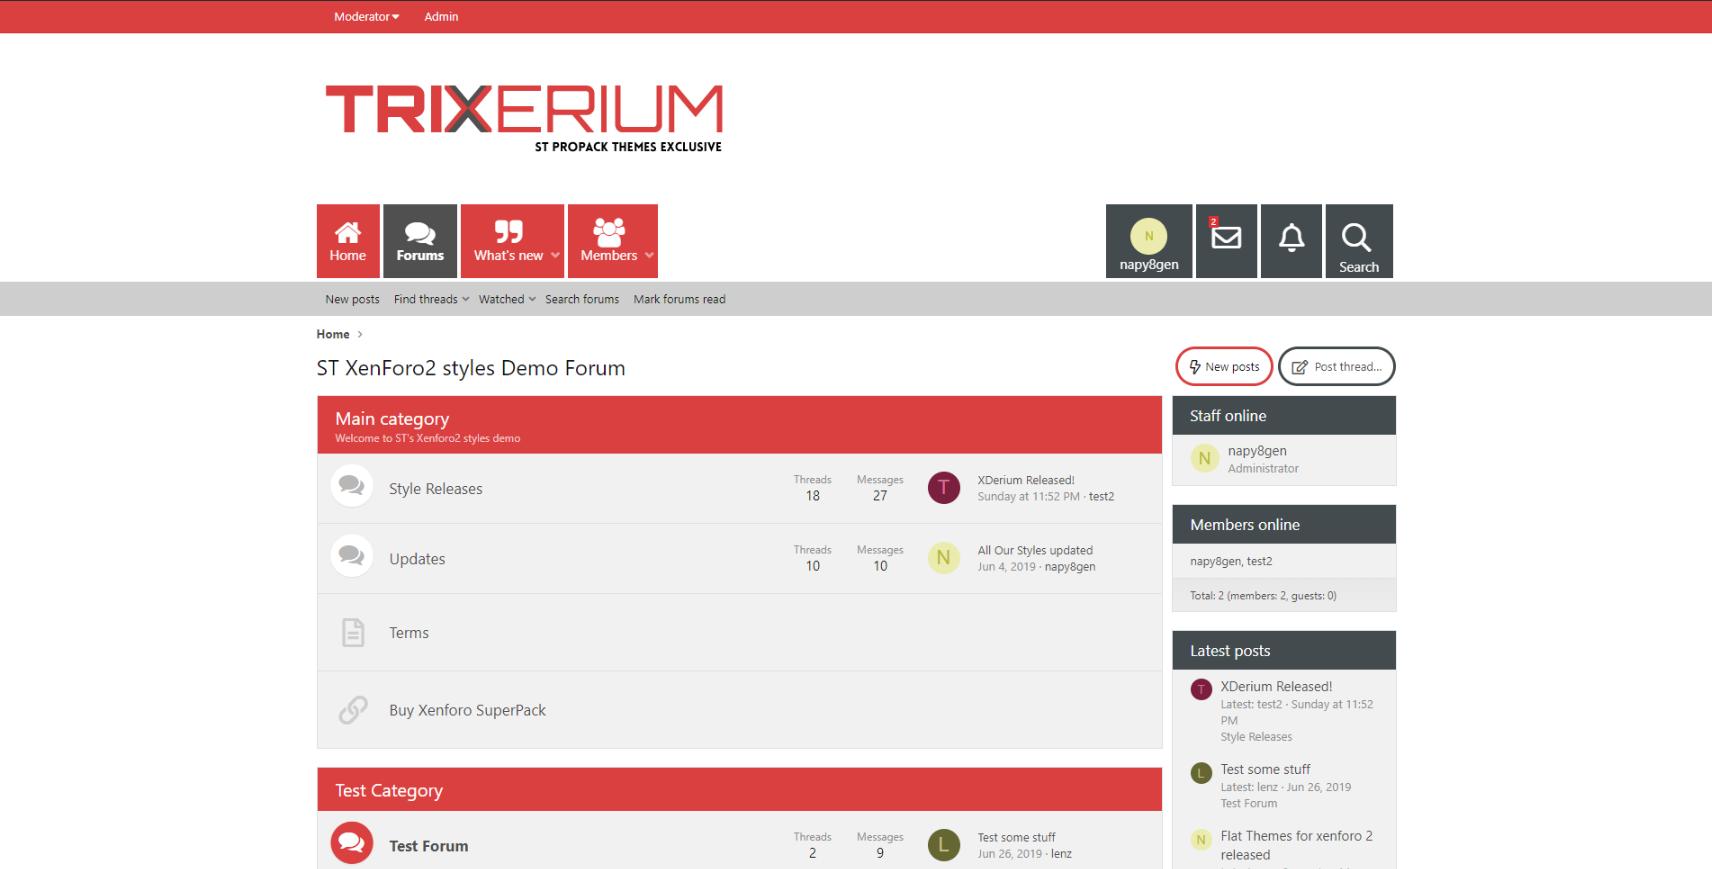 Trixerium cinnabar - Trixerium XF2 Released!